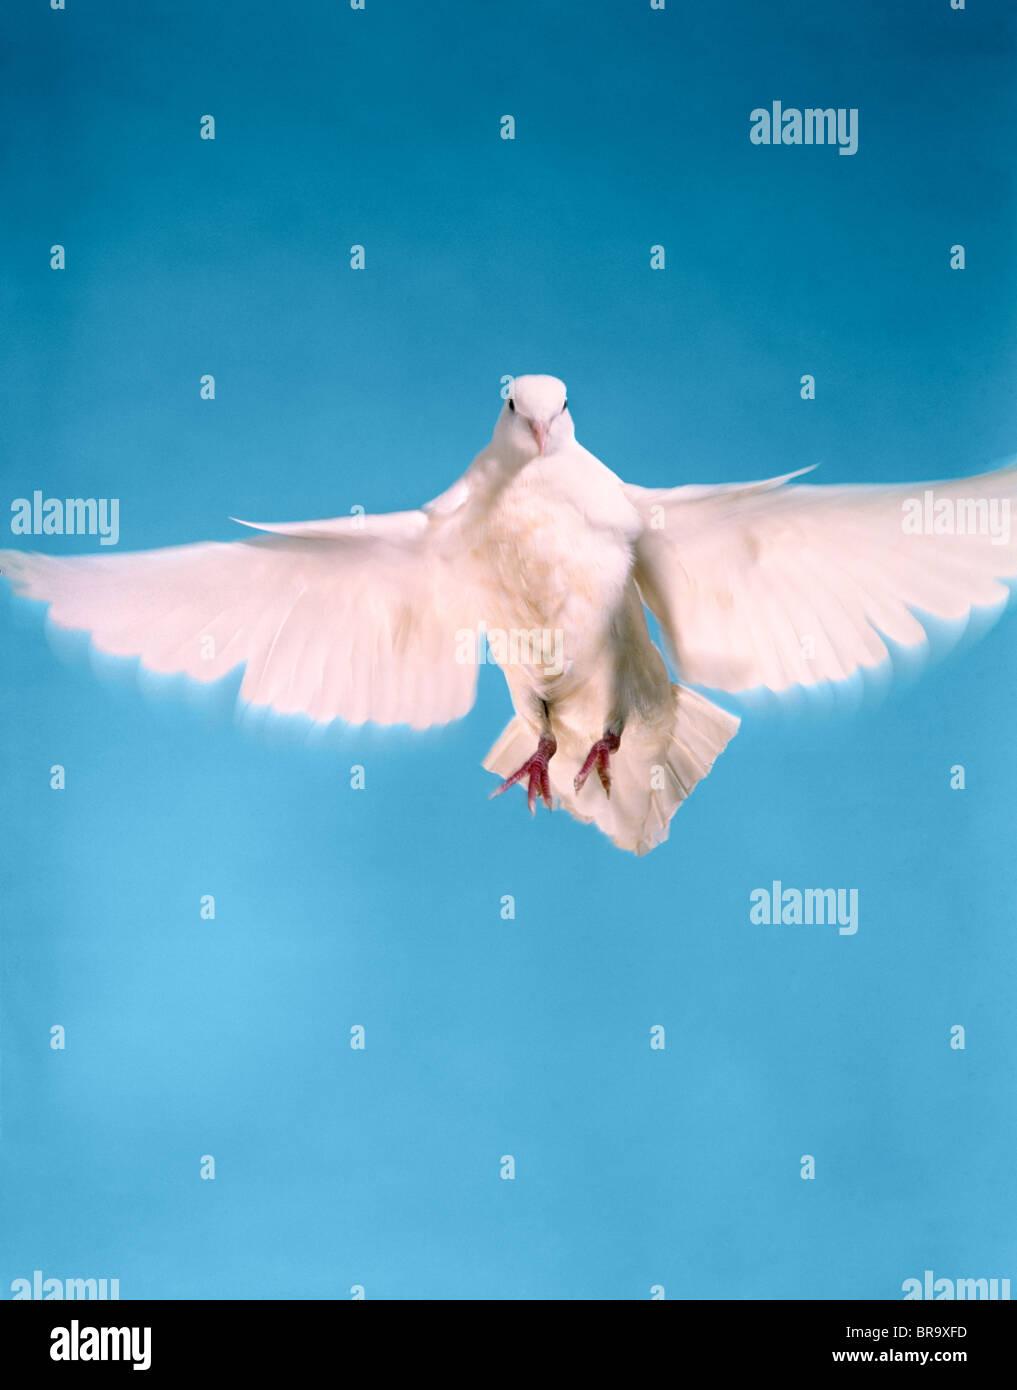 Avec une envergure de colombe Photo Stock